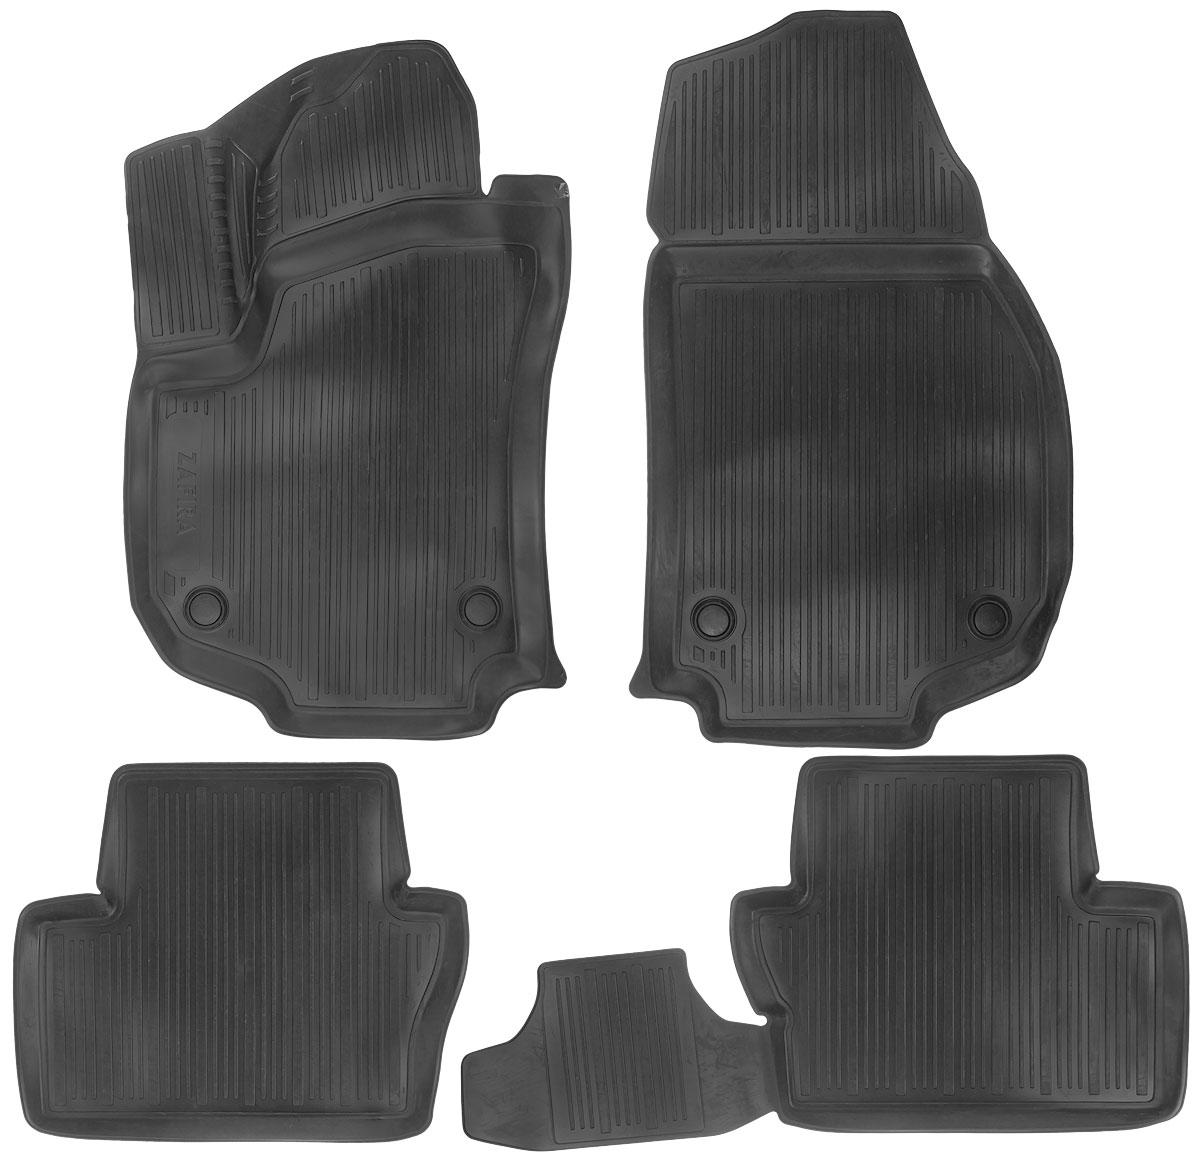 Набор автомобильных ковриков L.Locker Opel Zafira В 2005, в салон, 4 шт0211040501Набор L.Locker Opel Zafira В 2005, изготовленный из полиуретана, состоит из 4 антискользящих 3D ковриков, которые производятся индивидуально для каждой модели автомобиля. Изделие точно повторяет геометрию пола автомобиля, имеет высокий борт, обладает повышенной износоустойчивостью, лишено резкого запаха и сохраняет свои потребительские свойства в широком диапазоне температур от -50°С до +50°С. Комплектация: 4 шт. Размер ковриков: 82 см х 49 см; 53 см х 45 см; 88 см х 45 см; 52 см х 87 см.